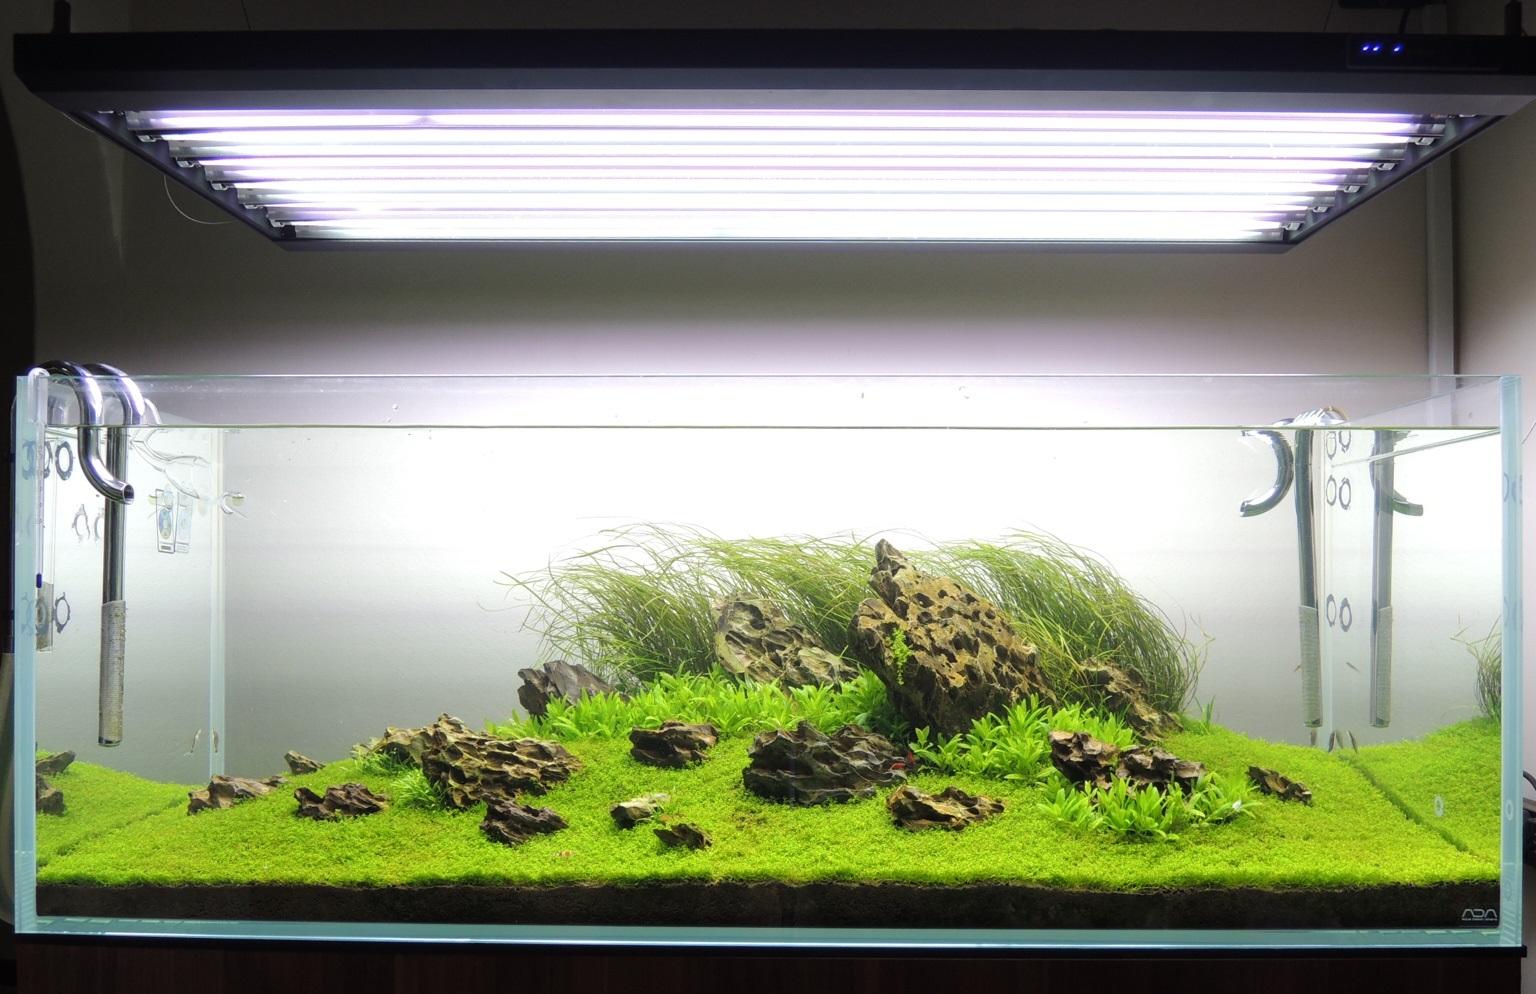 Bạn đếm xem có bao nhiêu đèn trong bể thủy sinh này